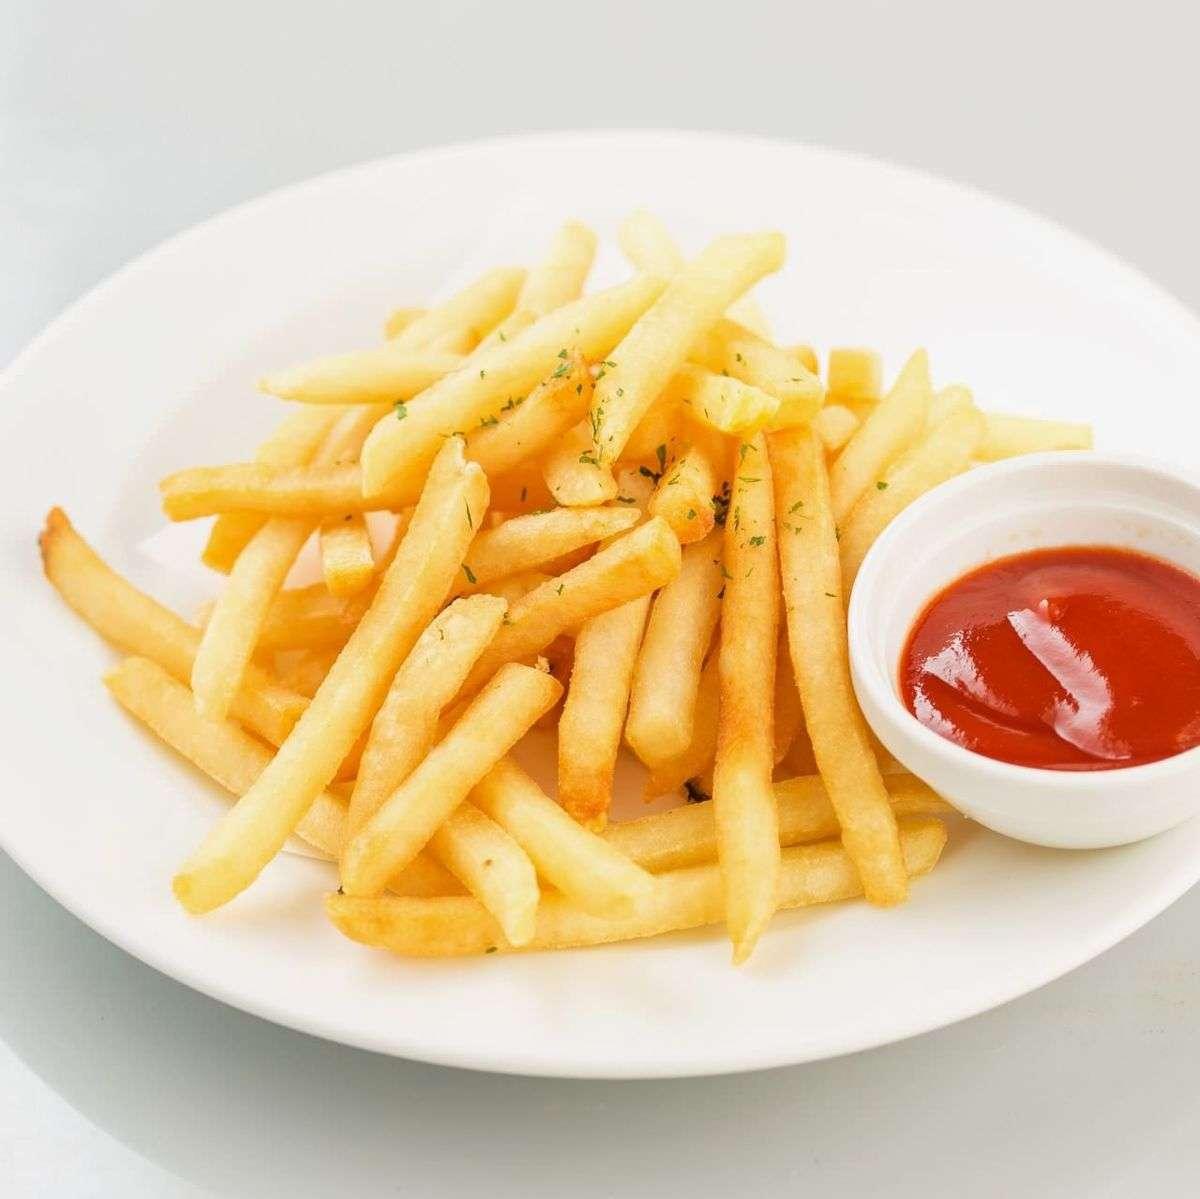 あなたの1番好きな食べ物の画像